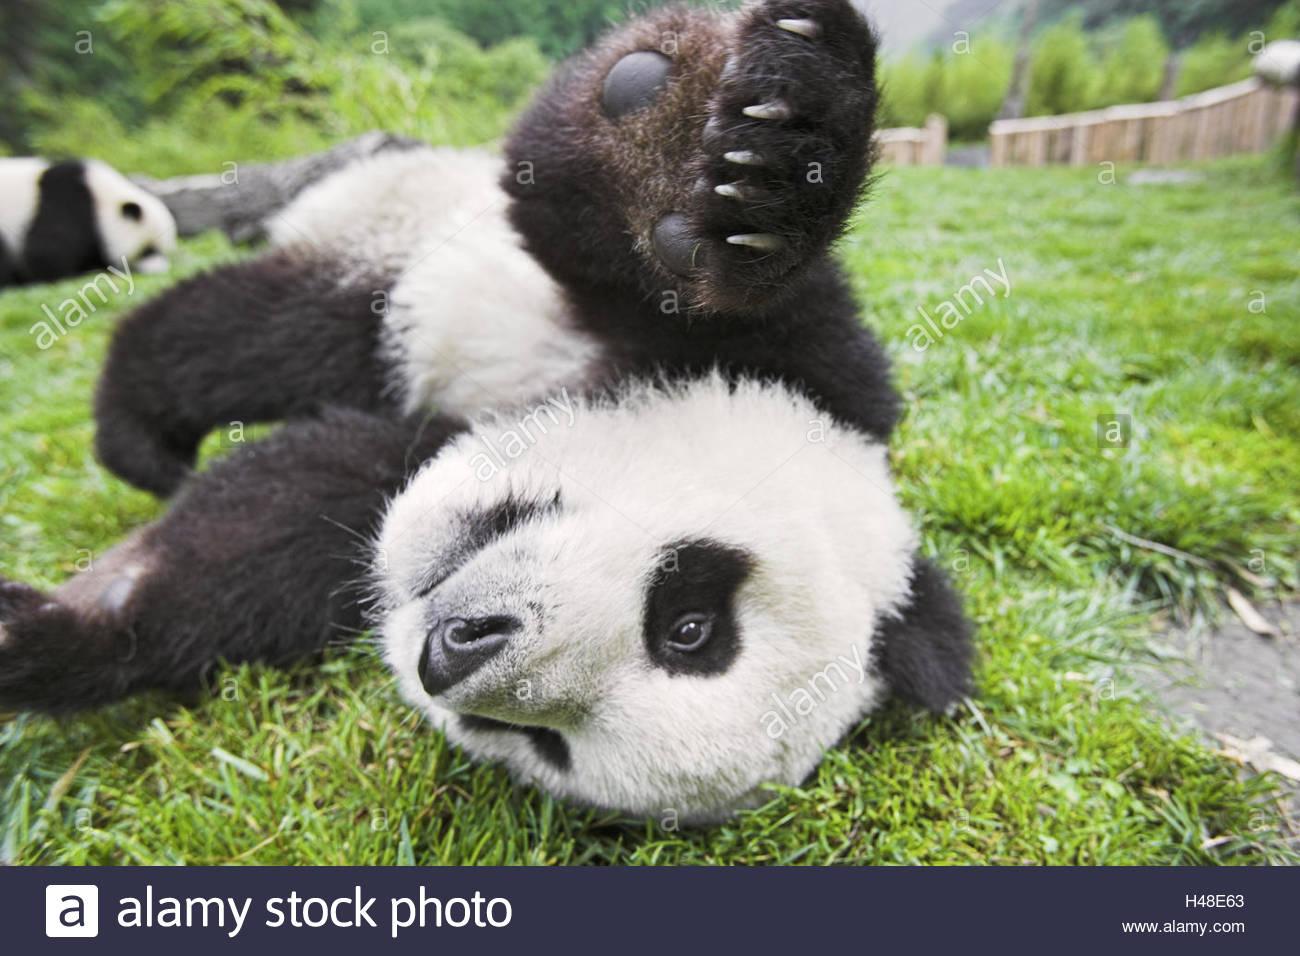 Panda, 'of big pandas', Ailuropoda melanoleuca, - Stock Image